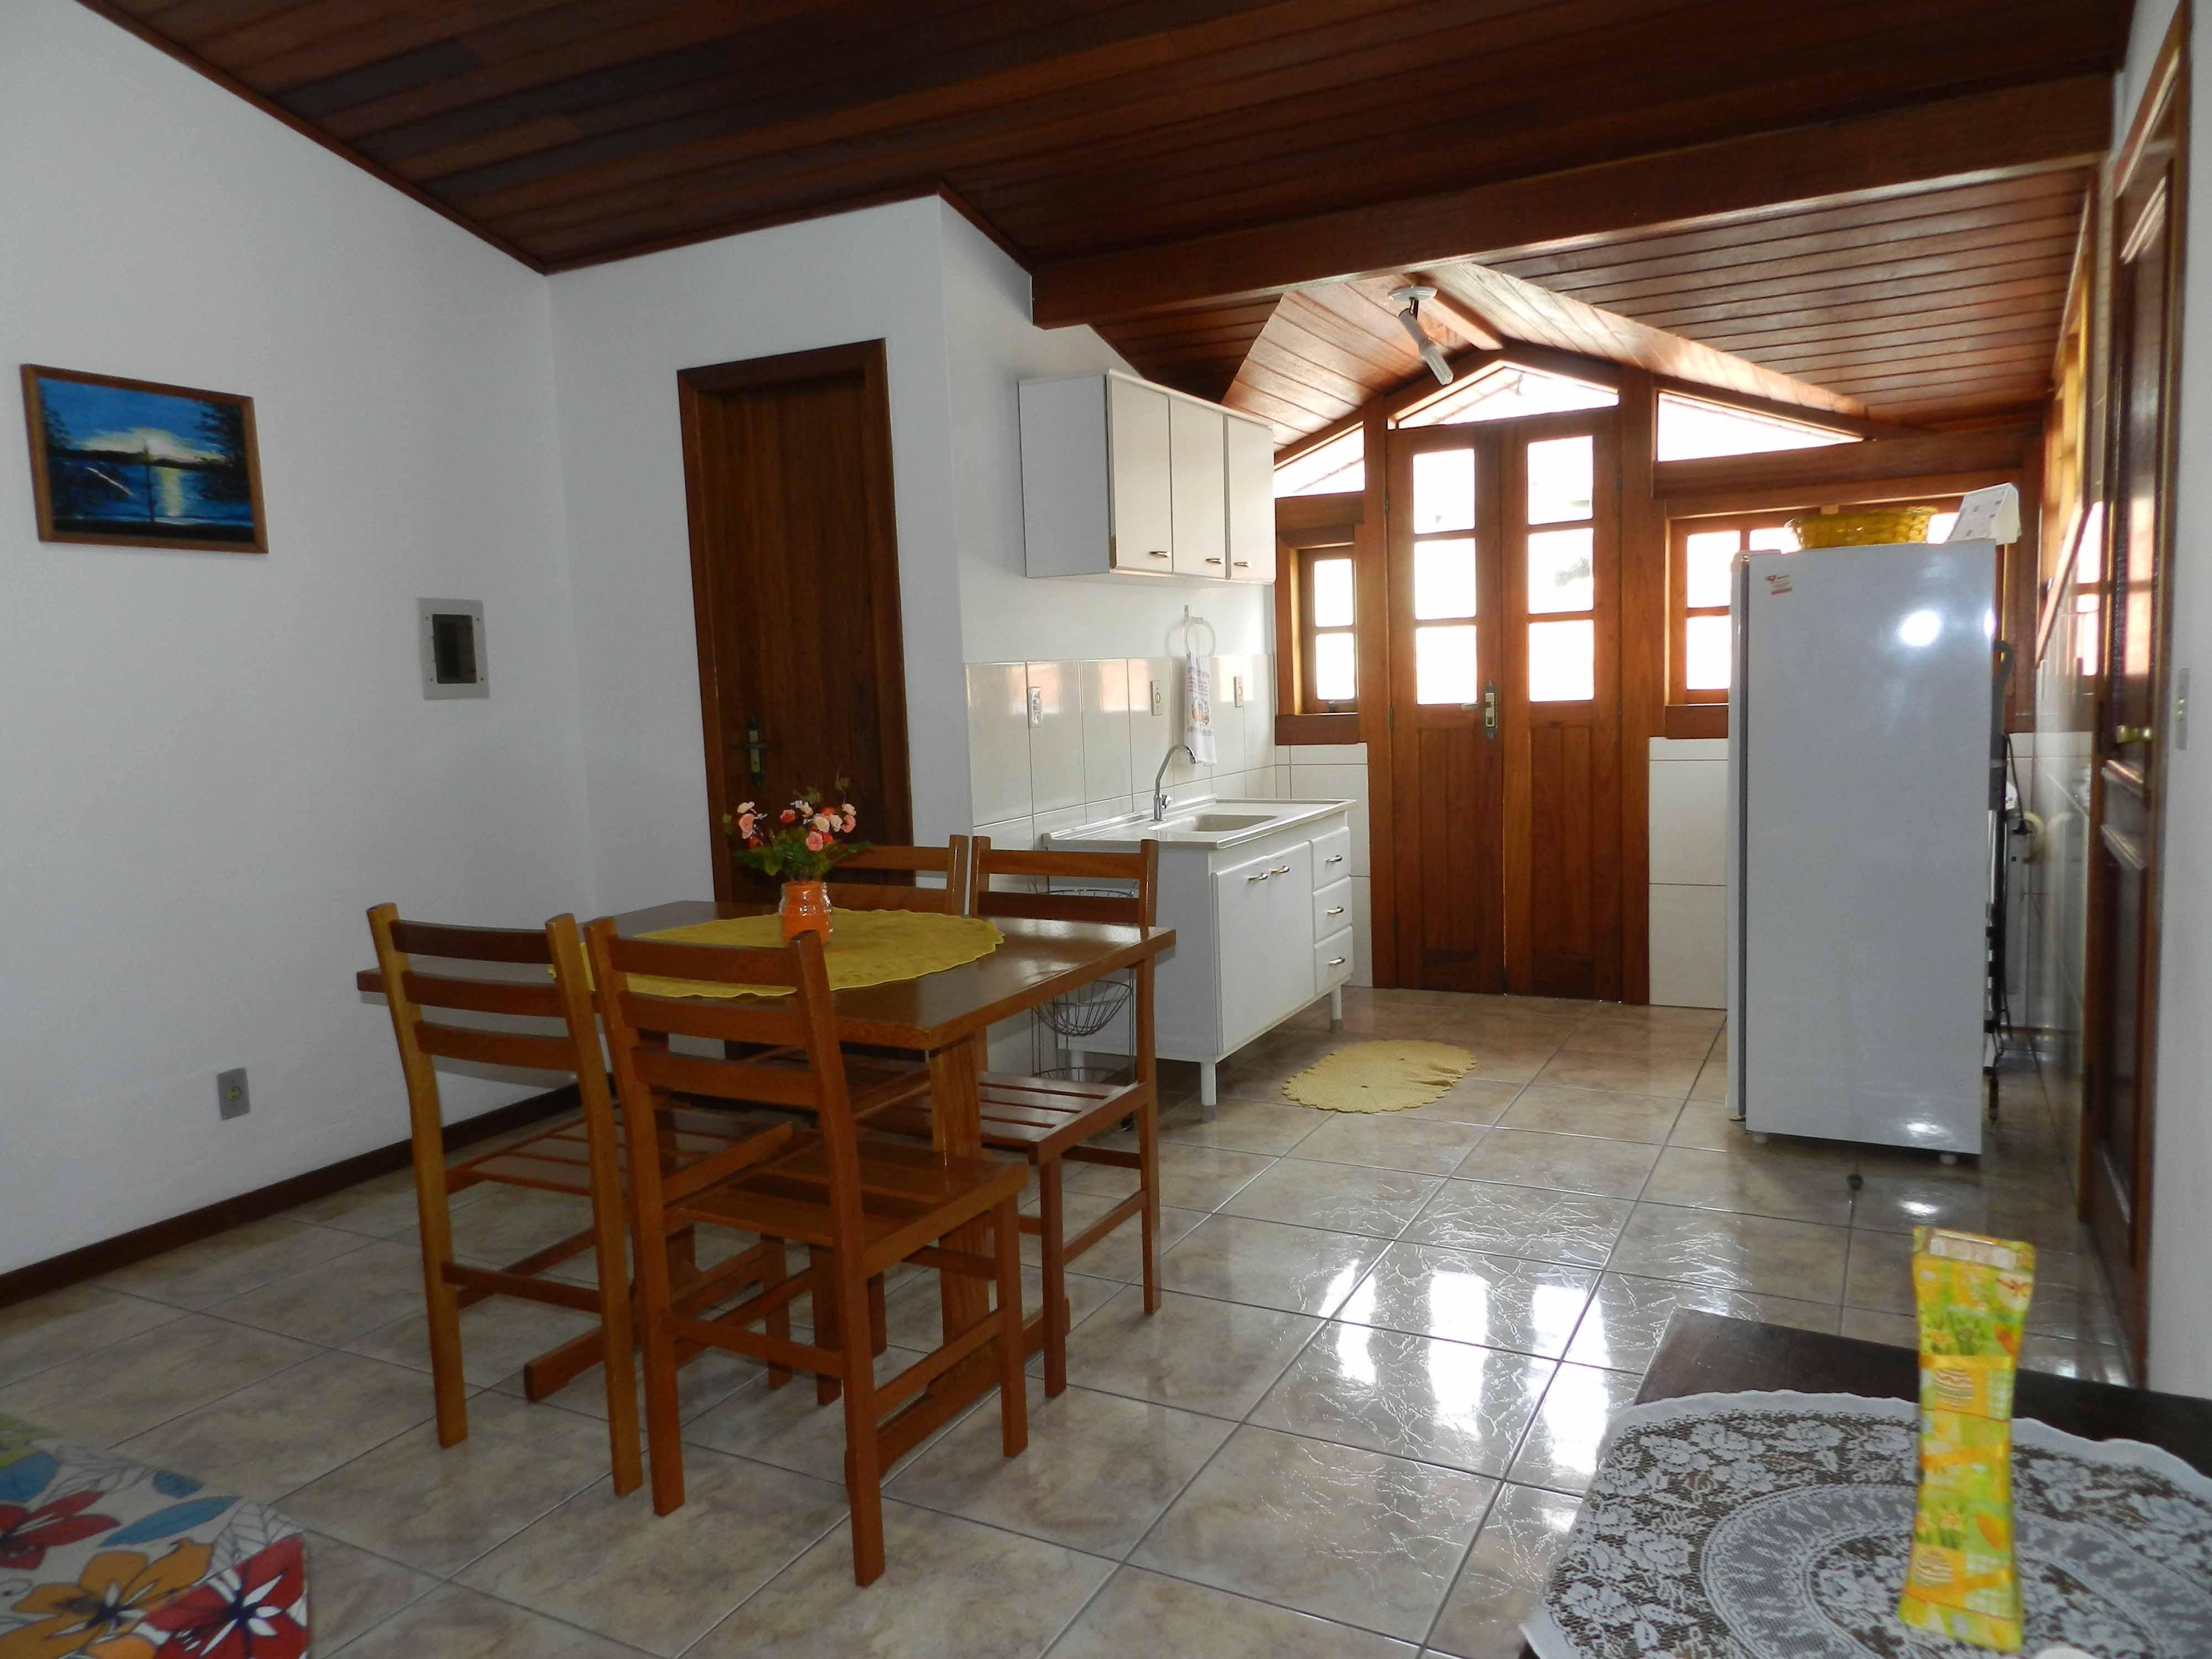 Cozinha  Apartamento 10 #9F7A2C 4000 3000